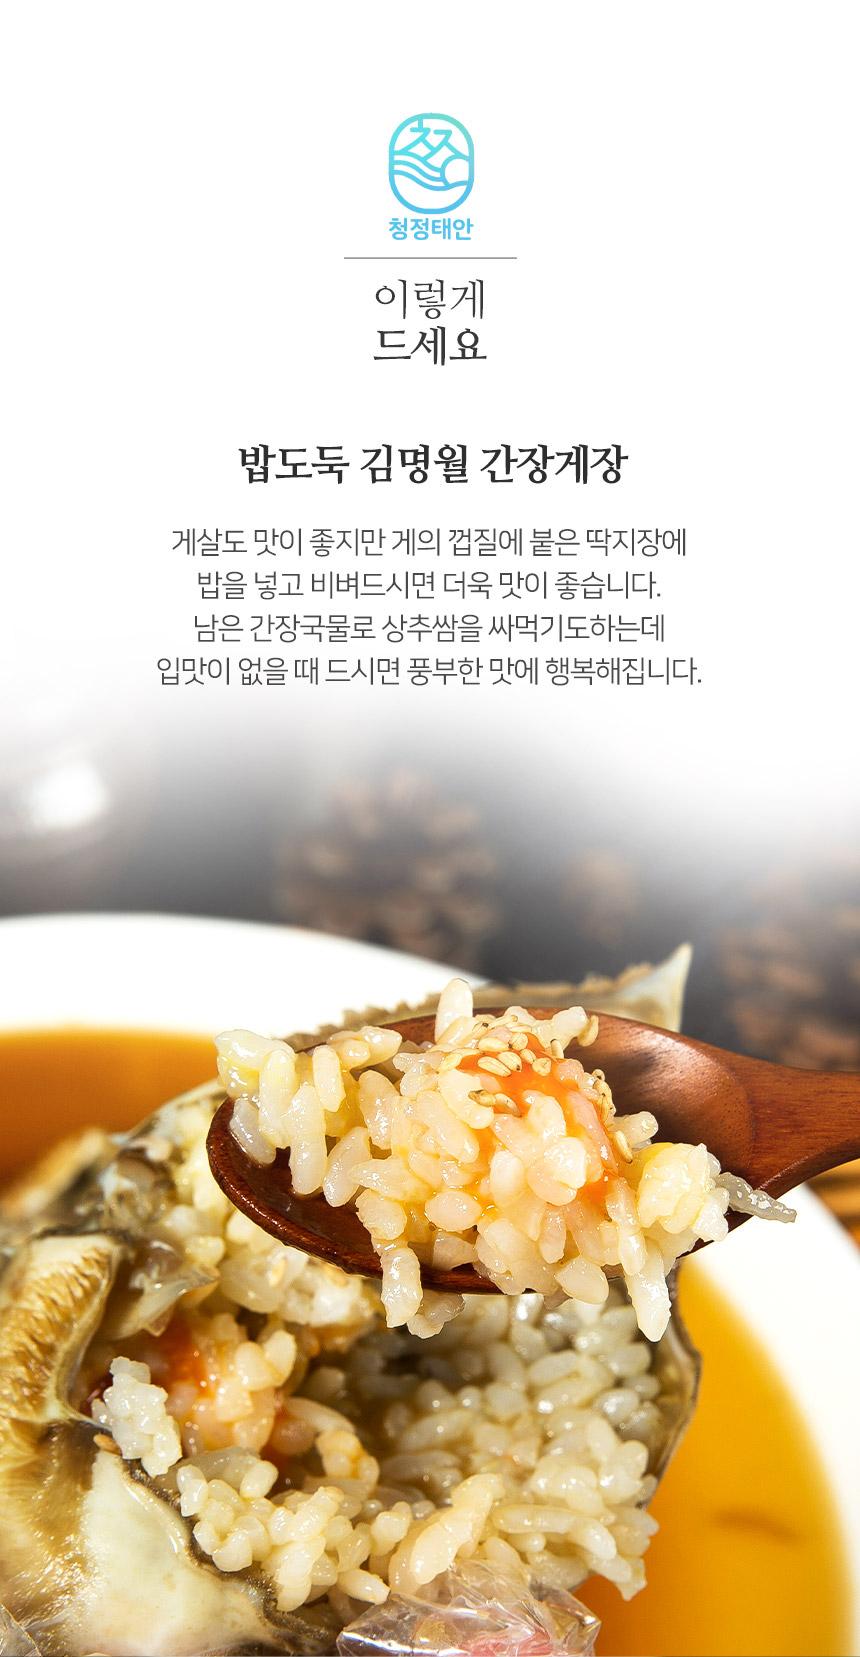 김명월꽃게장_06.jpg